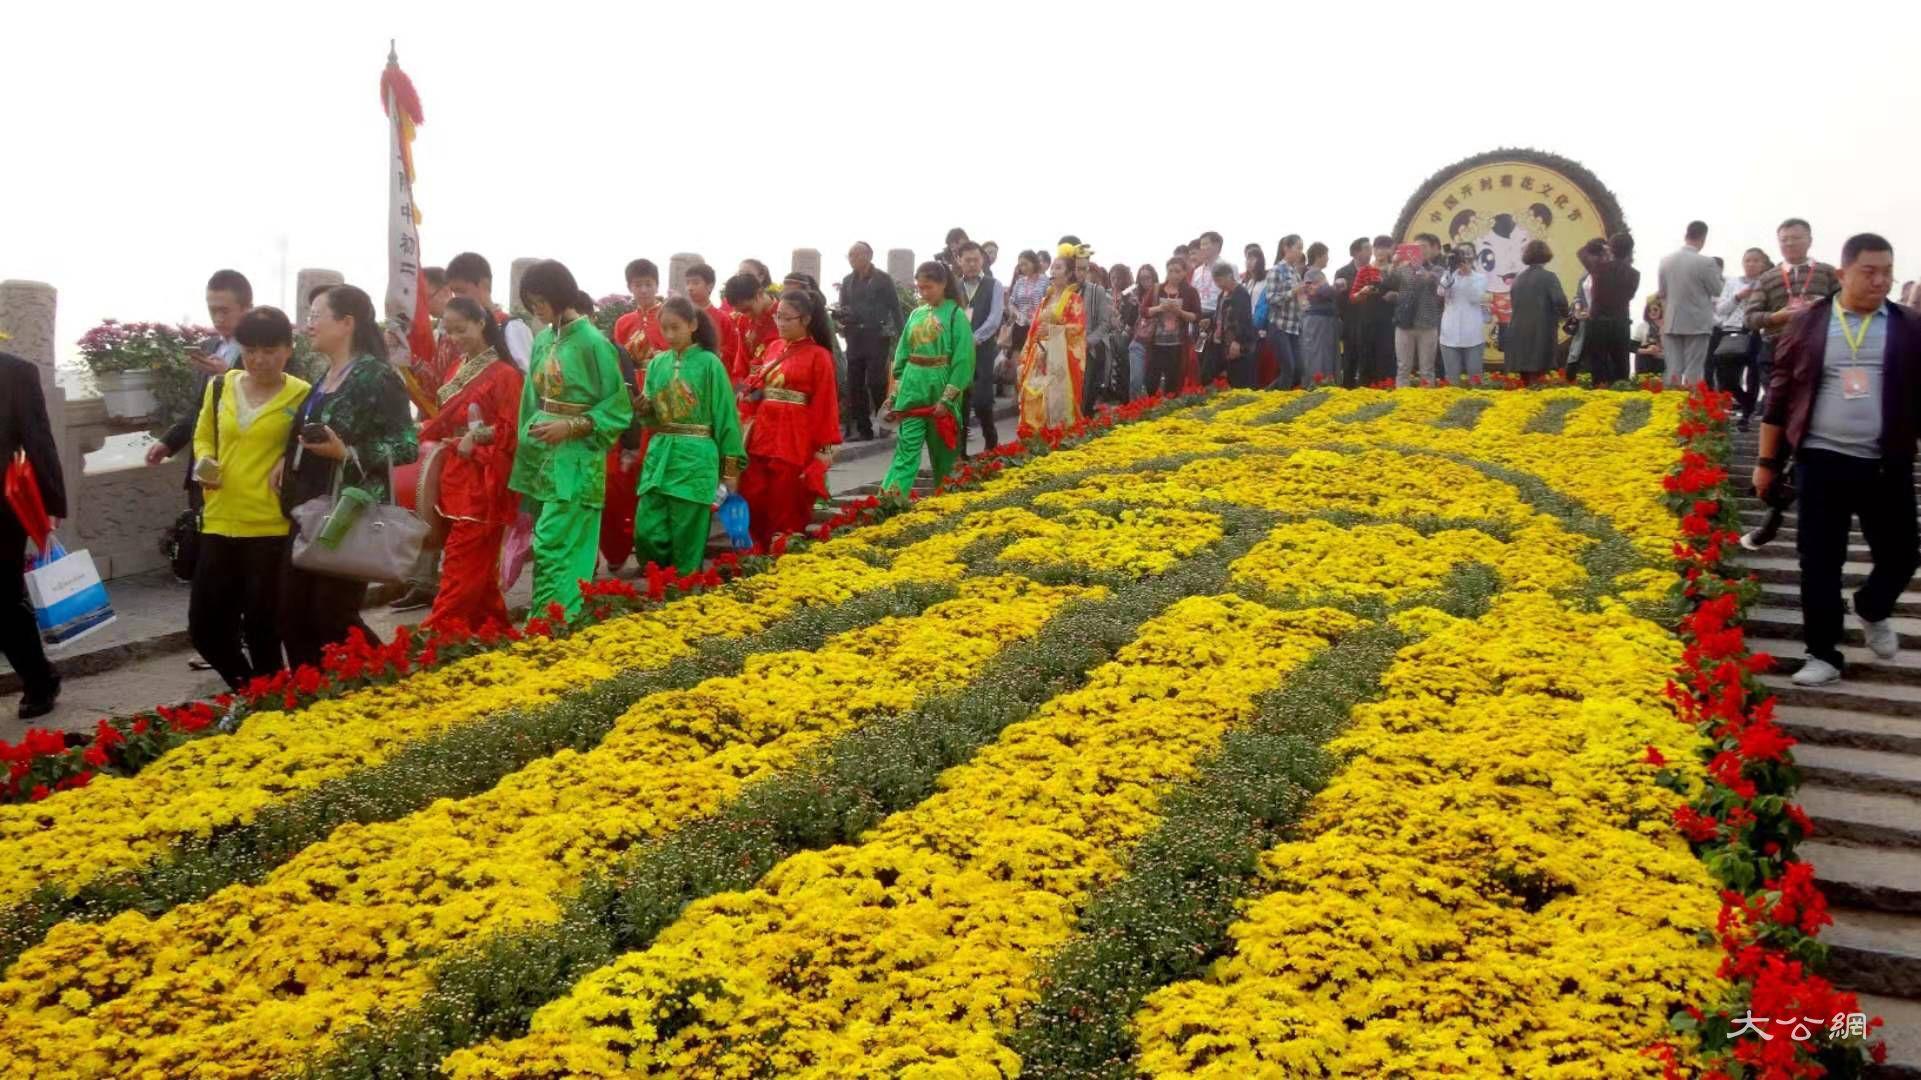 中國開封第37屆菊花文化節18日將開幕 歷時1個月